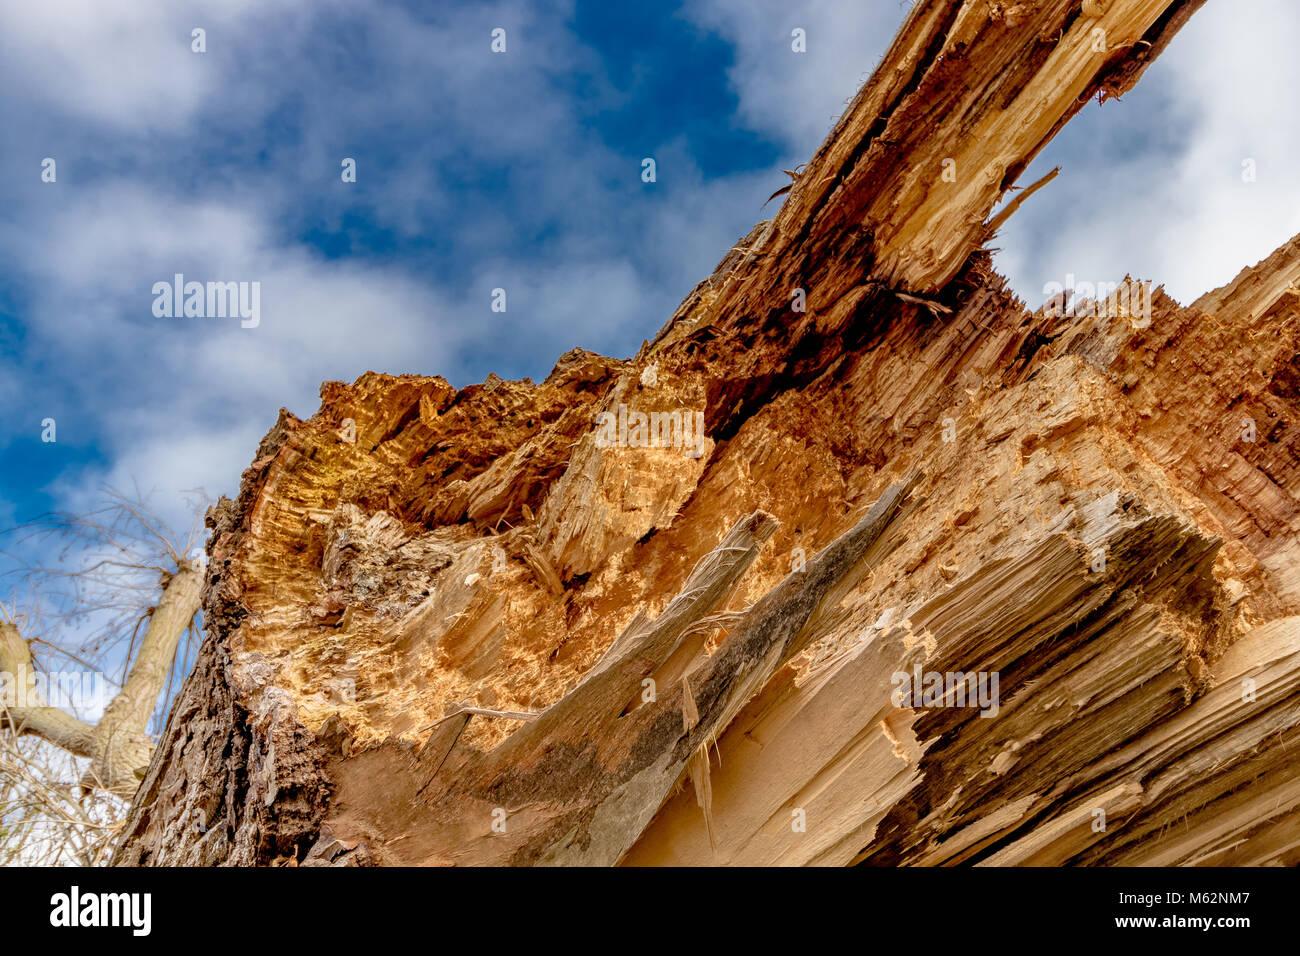 Nahaufnahme von einer verfallenden, gefallenen Esche, zeigt die gezackten, zerbrochene Scherben von Holz Stockbild